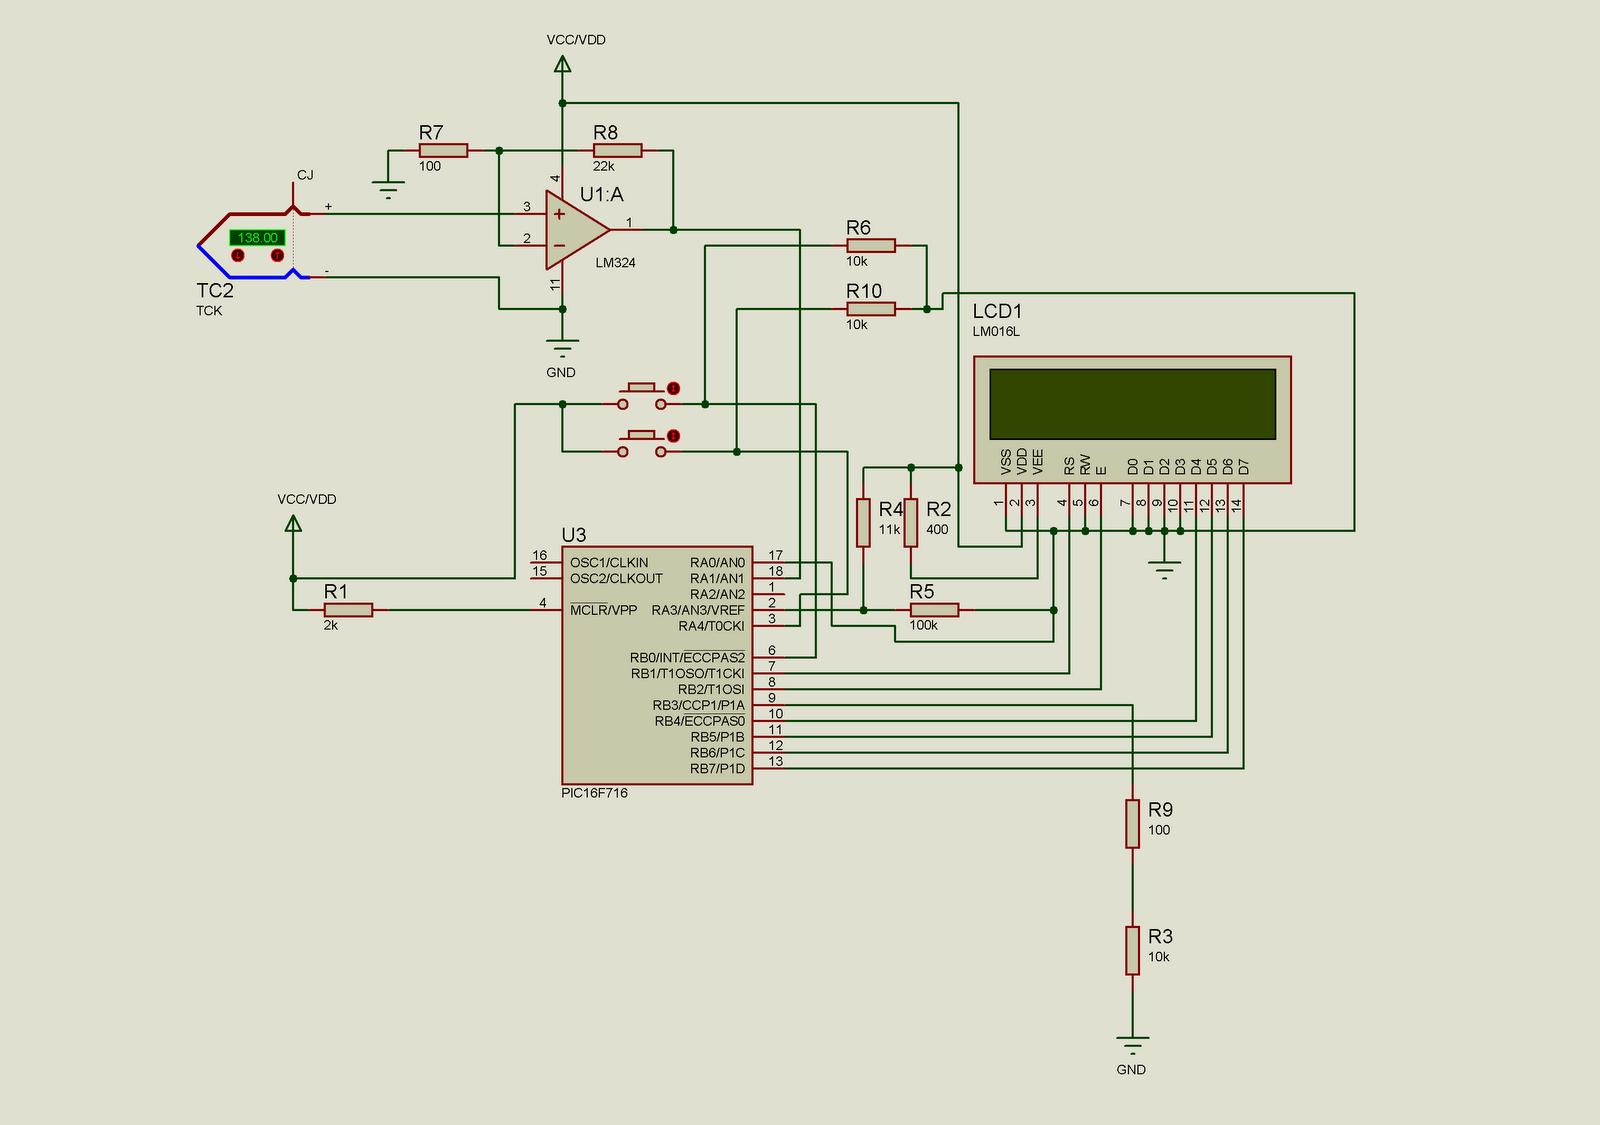 схема паяльной станции на микроконтроллере с дисплеем